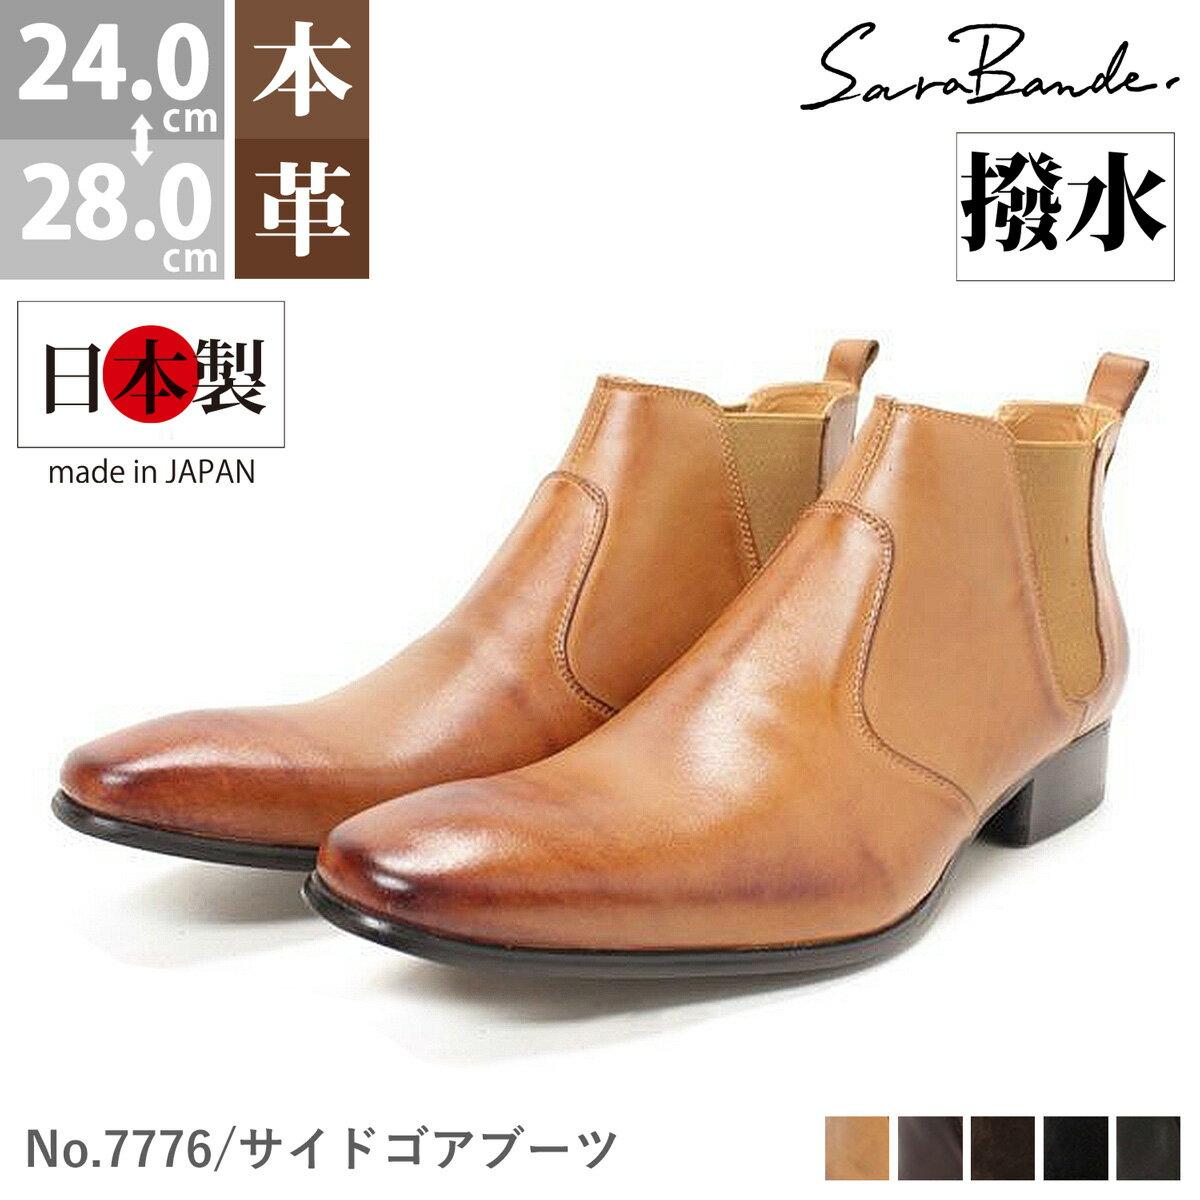 [送料無料]サイドゴアブーツ ショートブーツ[SARABANDE サラバンド]日本製本革サイドゴア ビジネス ブーツ No.7776[5色展開]スリッポン ロングノーズ プレーントゥ メンズ 紳士靴 革靴 カジュアル ドレス 国産 レザー シューズ チェルシーブーツ